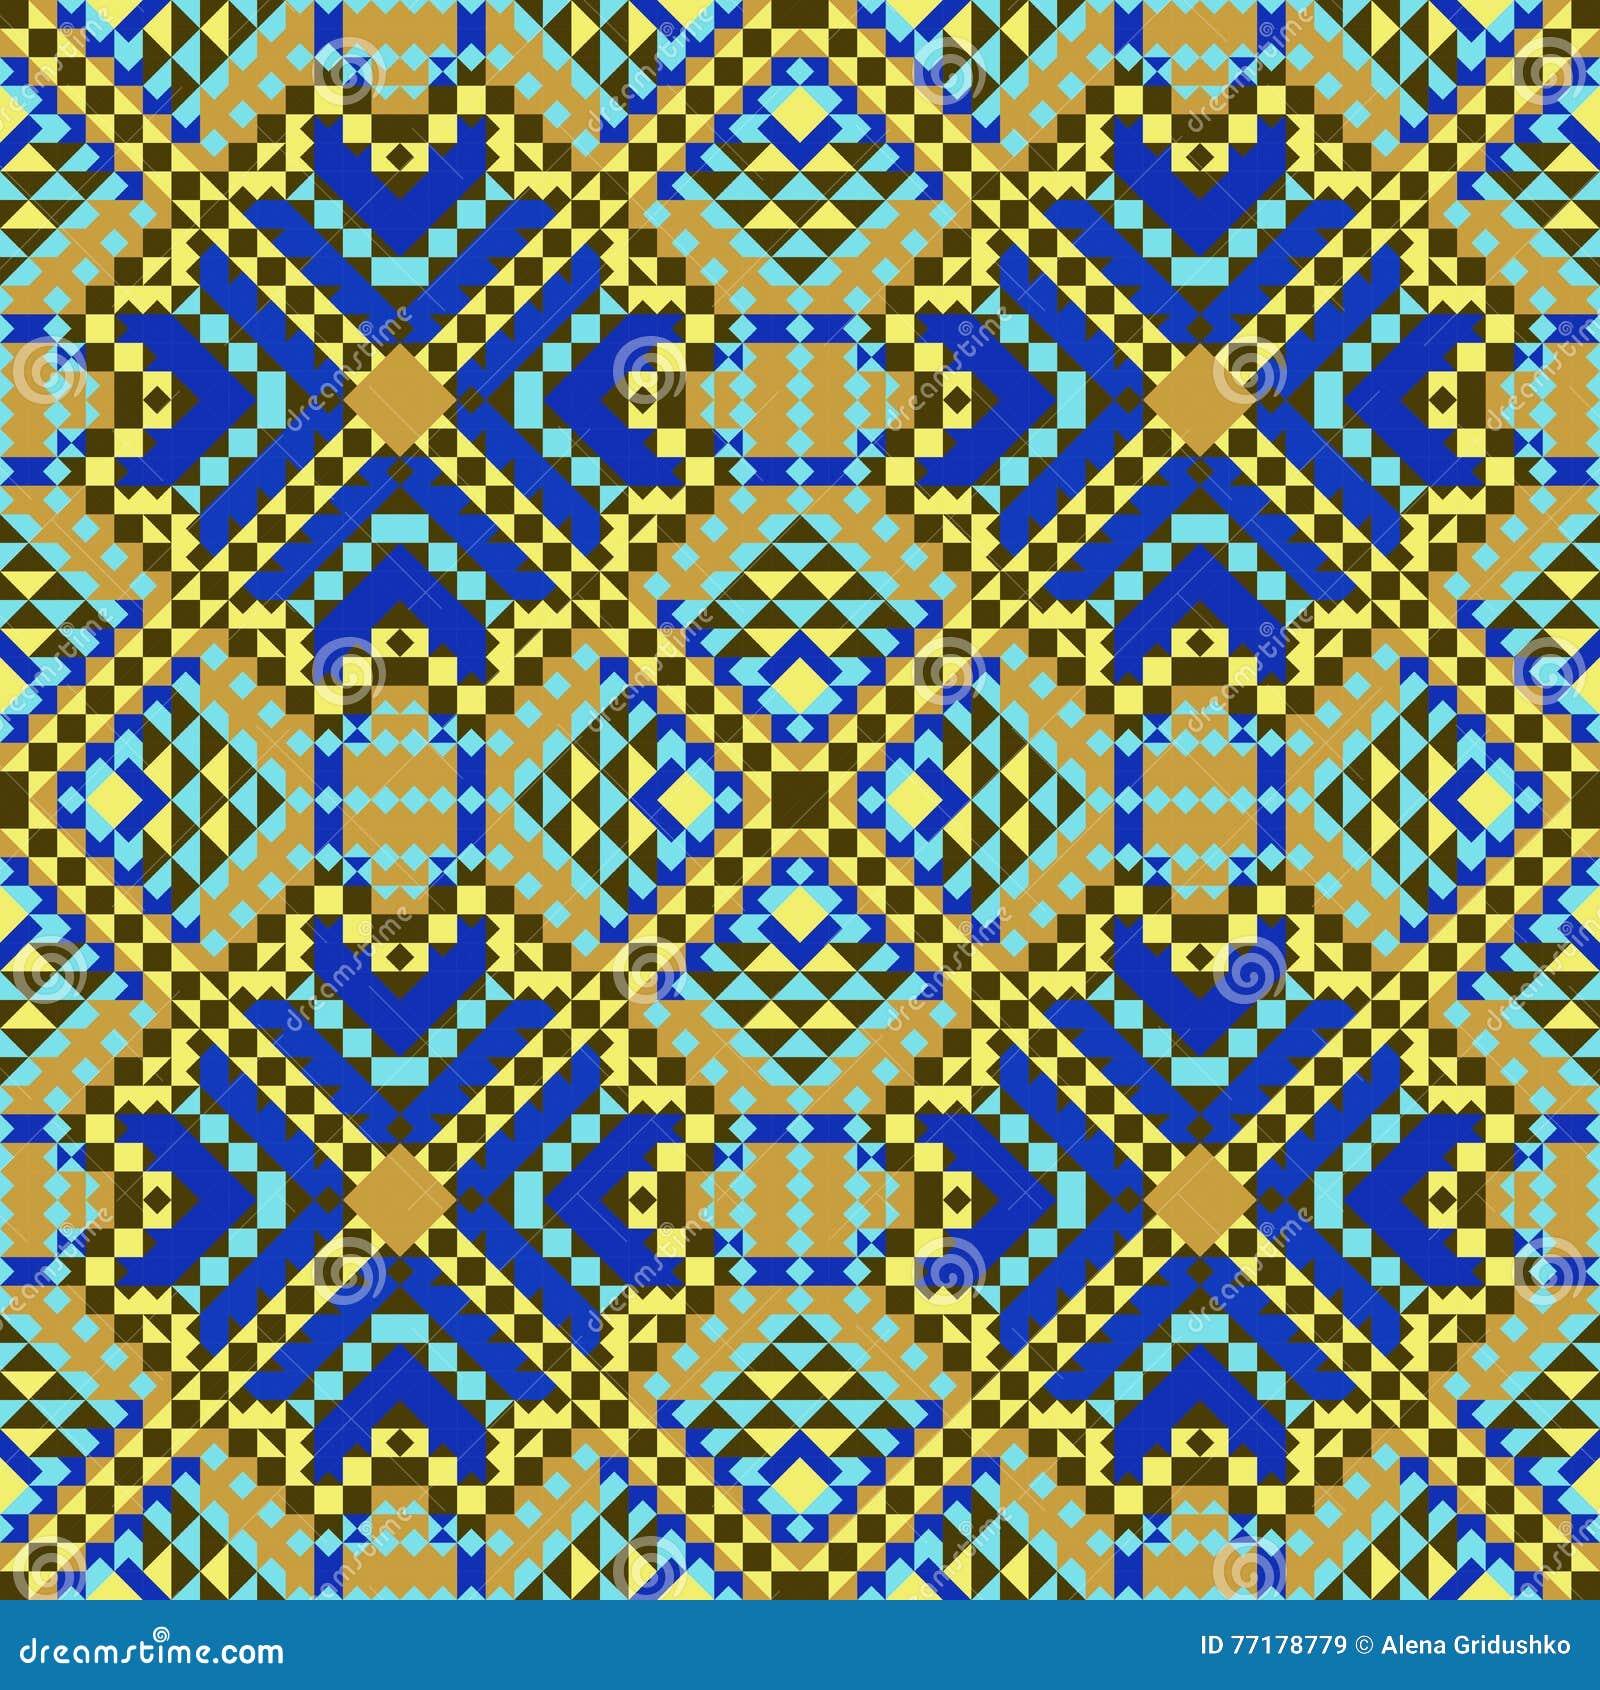 Mod le azt que sans couture pour imprimer sur le papier ou le tissu motifs mexicains - Imprimer photo sur tissu ...